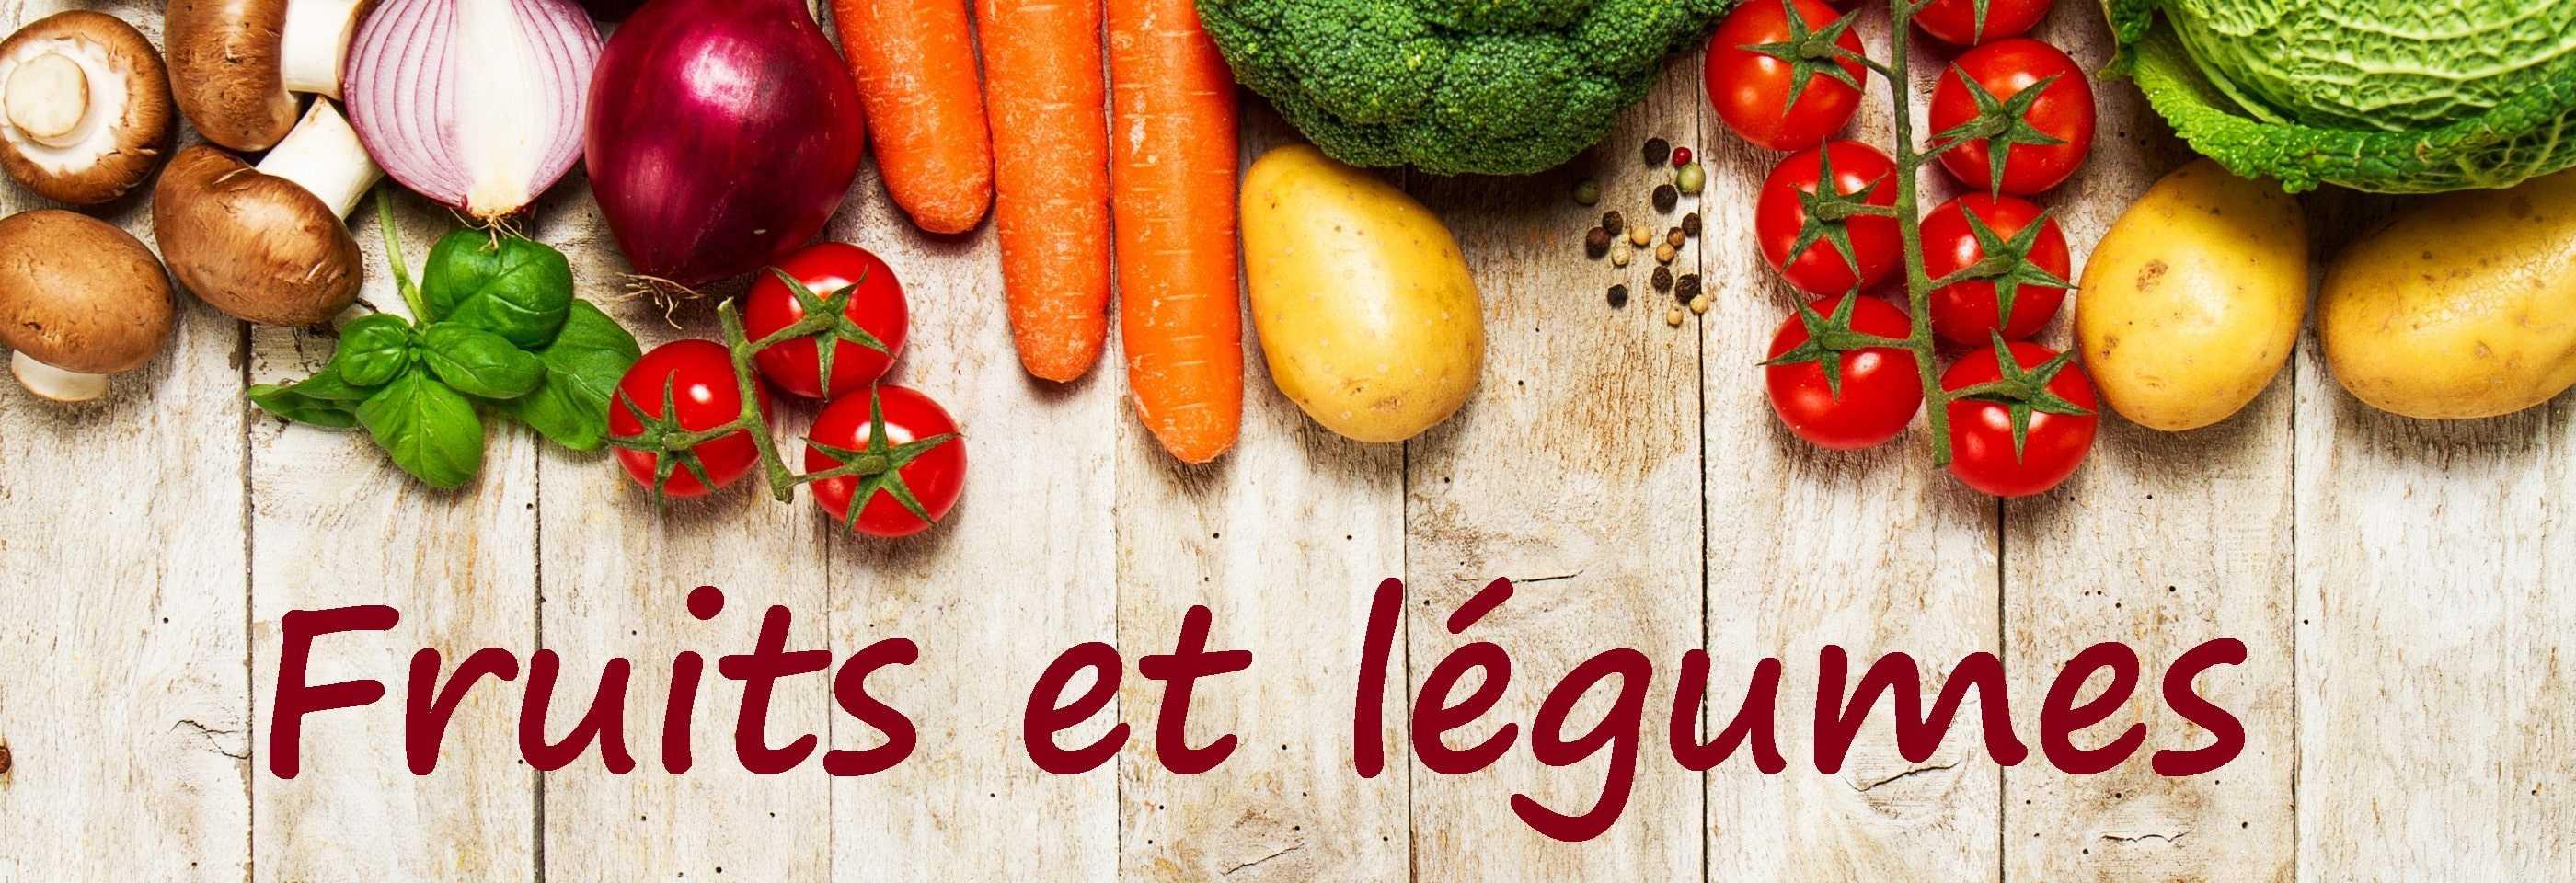 fruits et légumes - alimentation saine